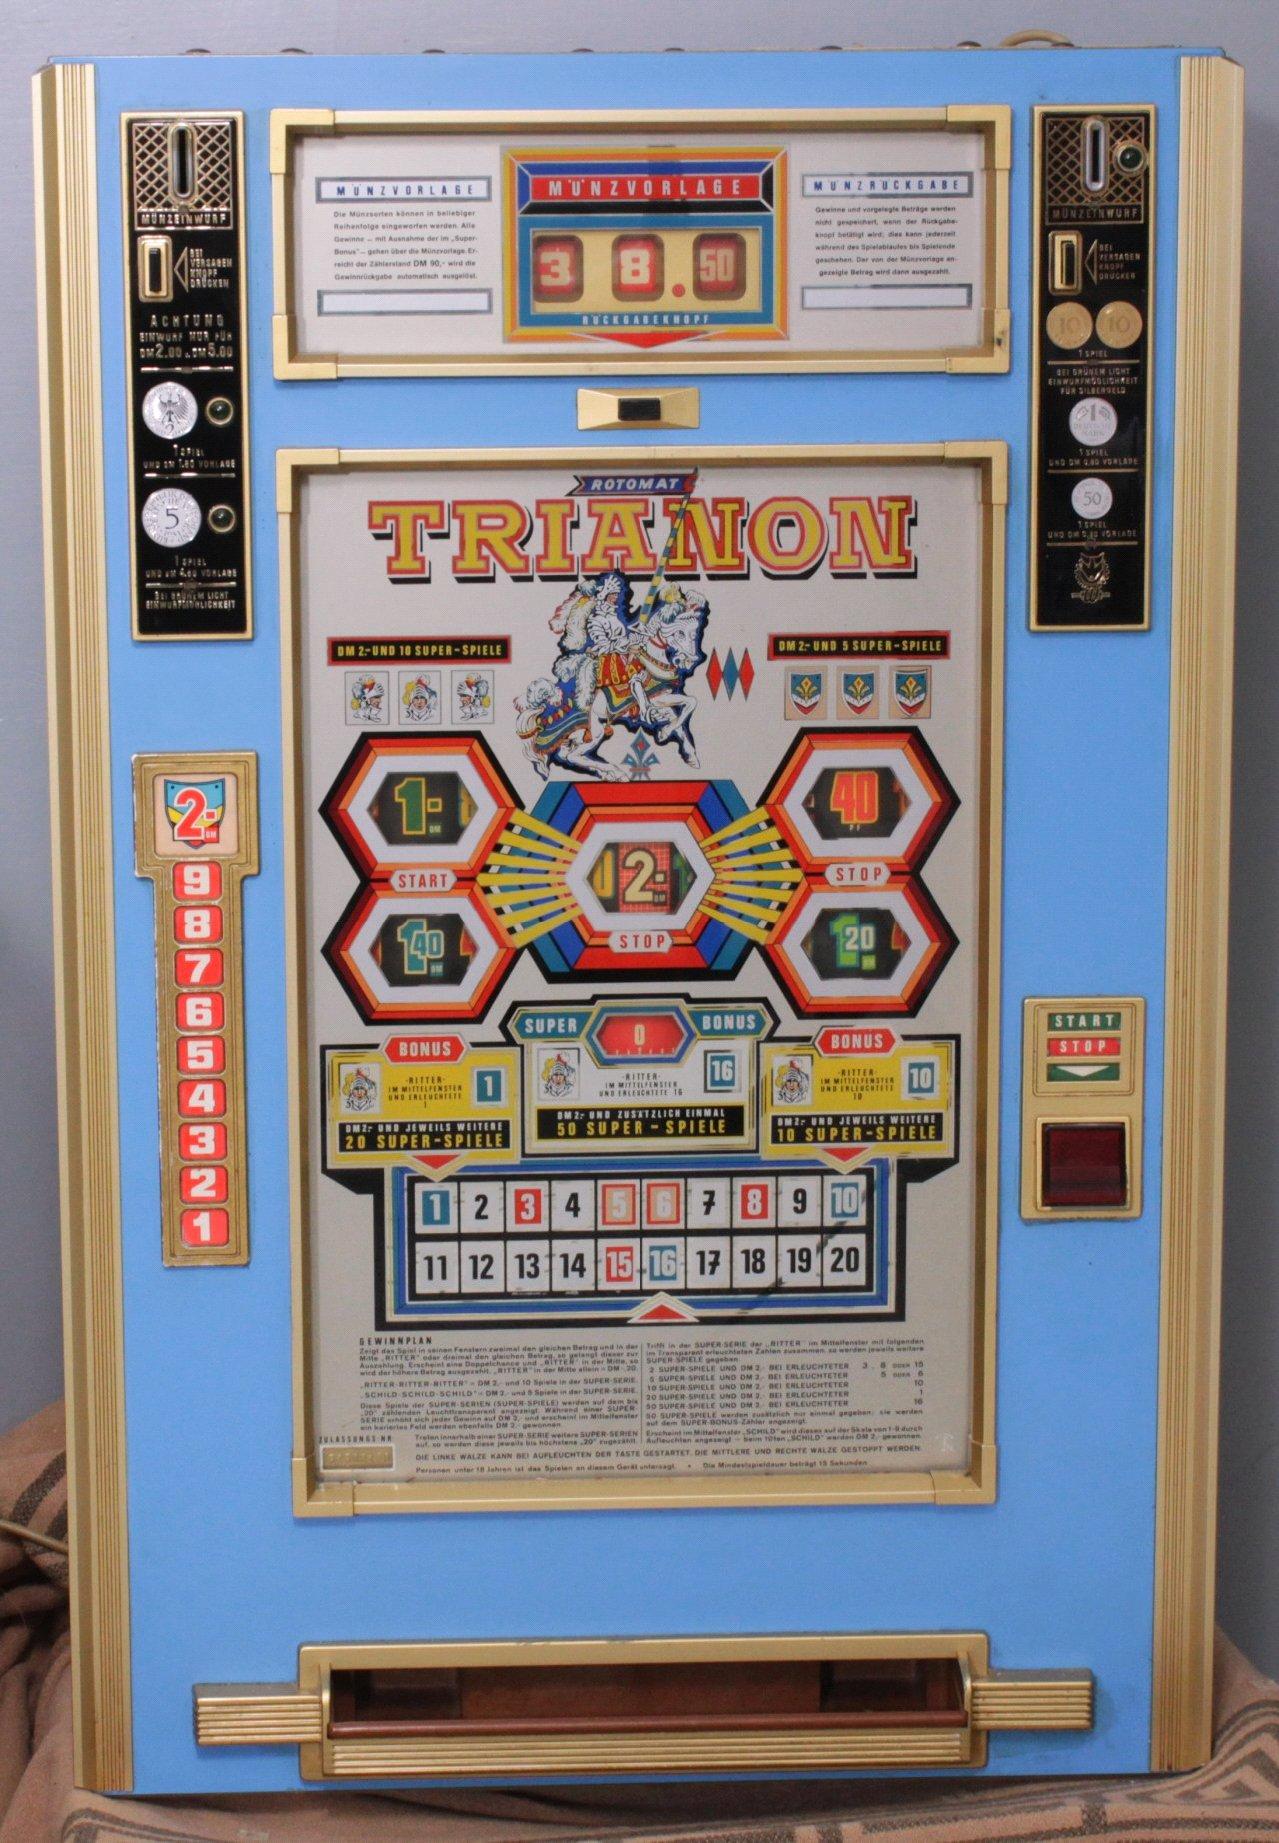 Geldspielautomat aus den ca. 70er/80er Jahren